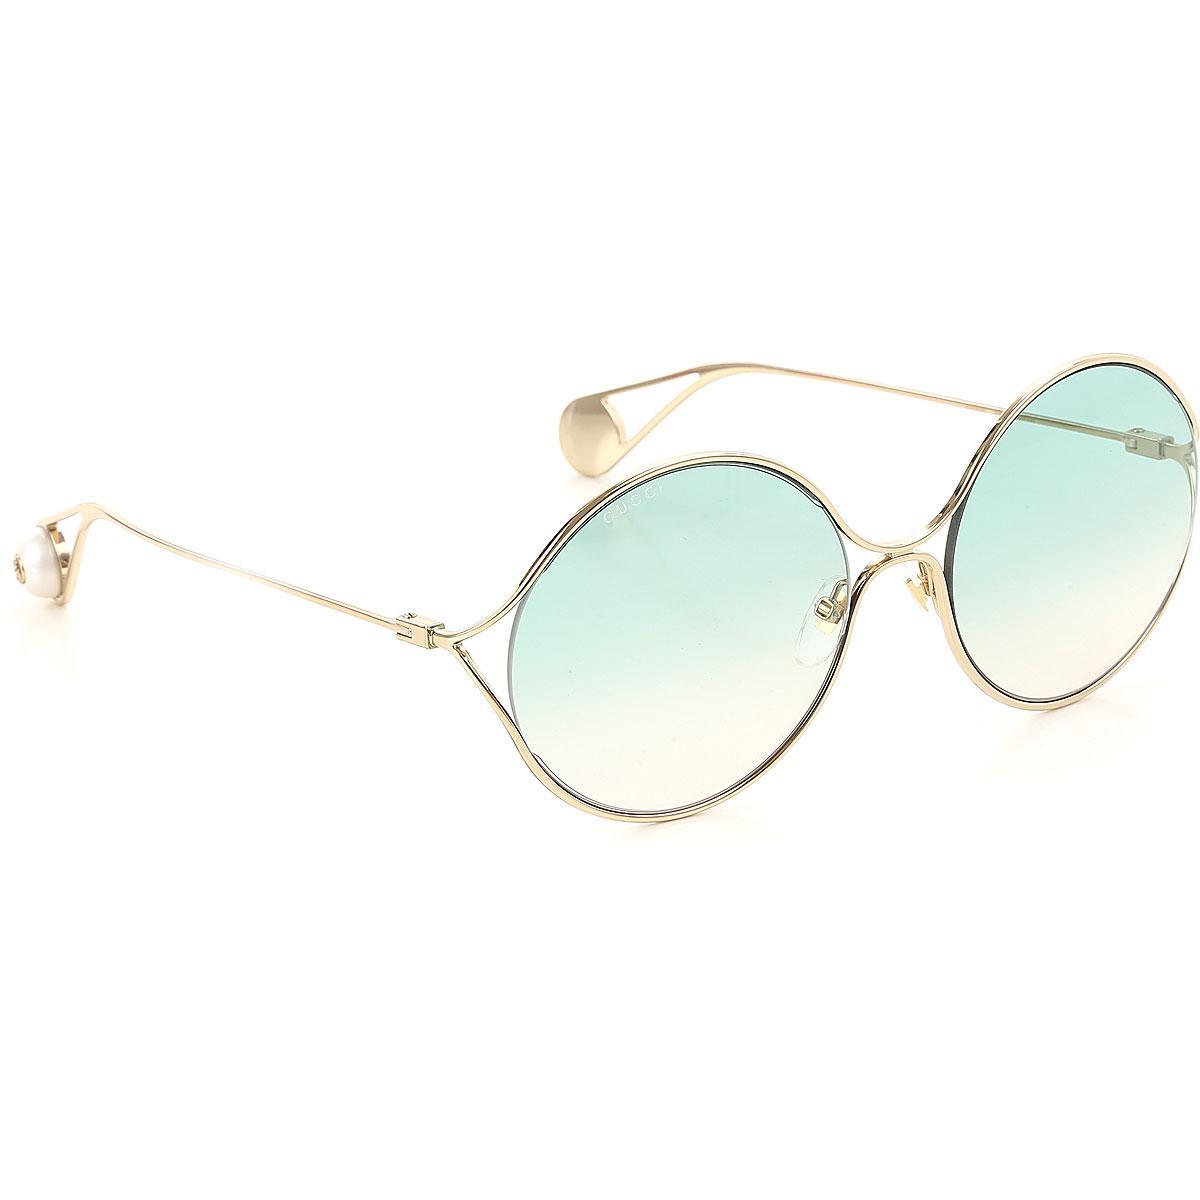 33d8a098b5 Gafas y Lentes de Sol Baratos en Rebajas Gucci - Lyst